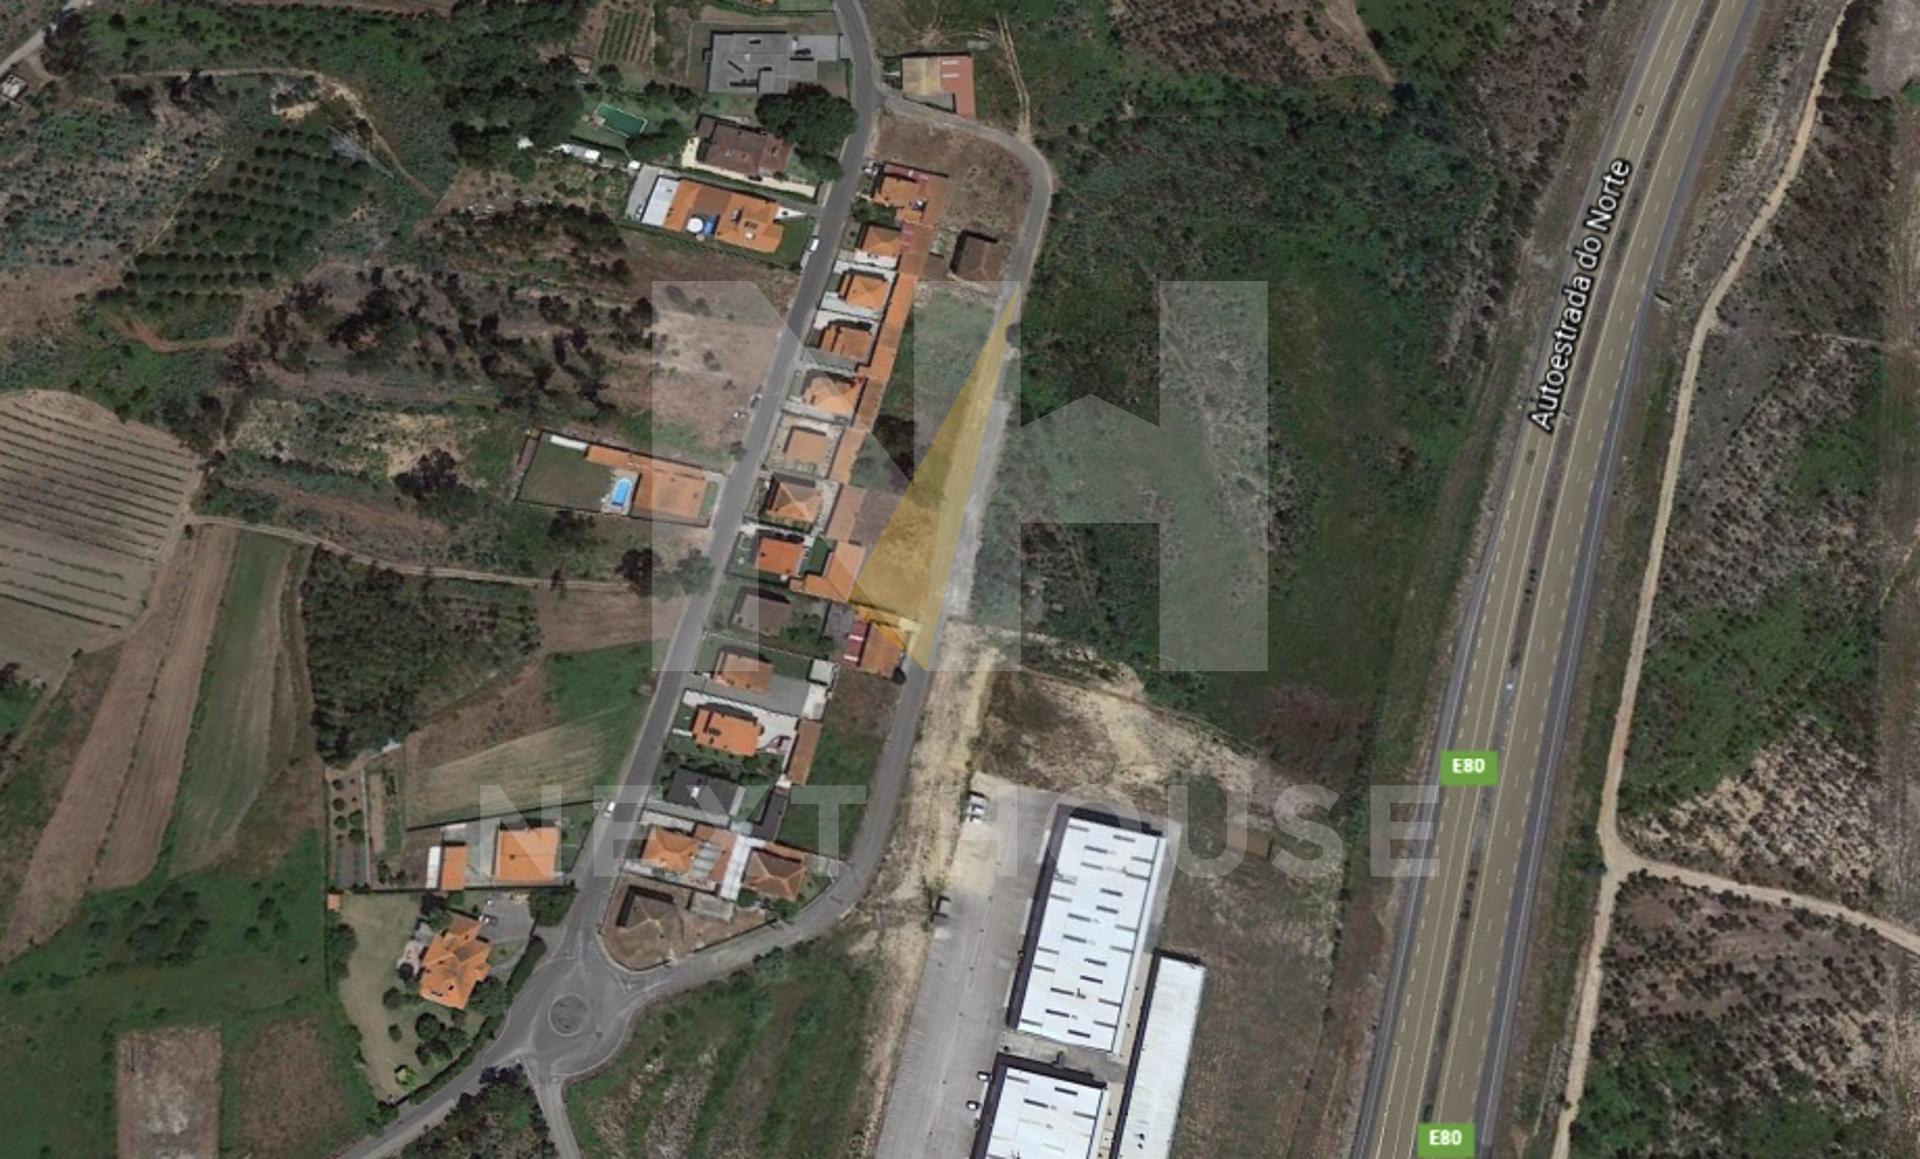 Projecto aprovado_15 min Aveiro  - Aveiro, Requeixo, Nossa Senhora De Fátima E Nariz